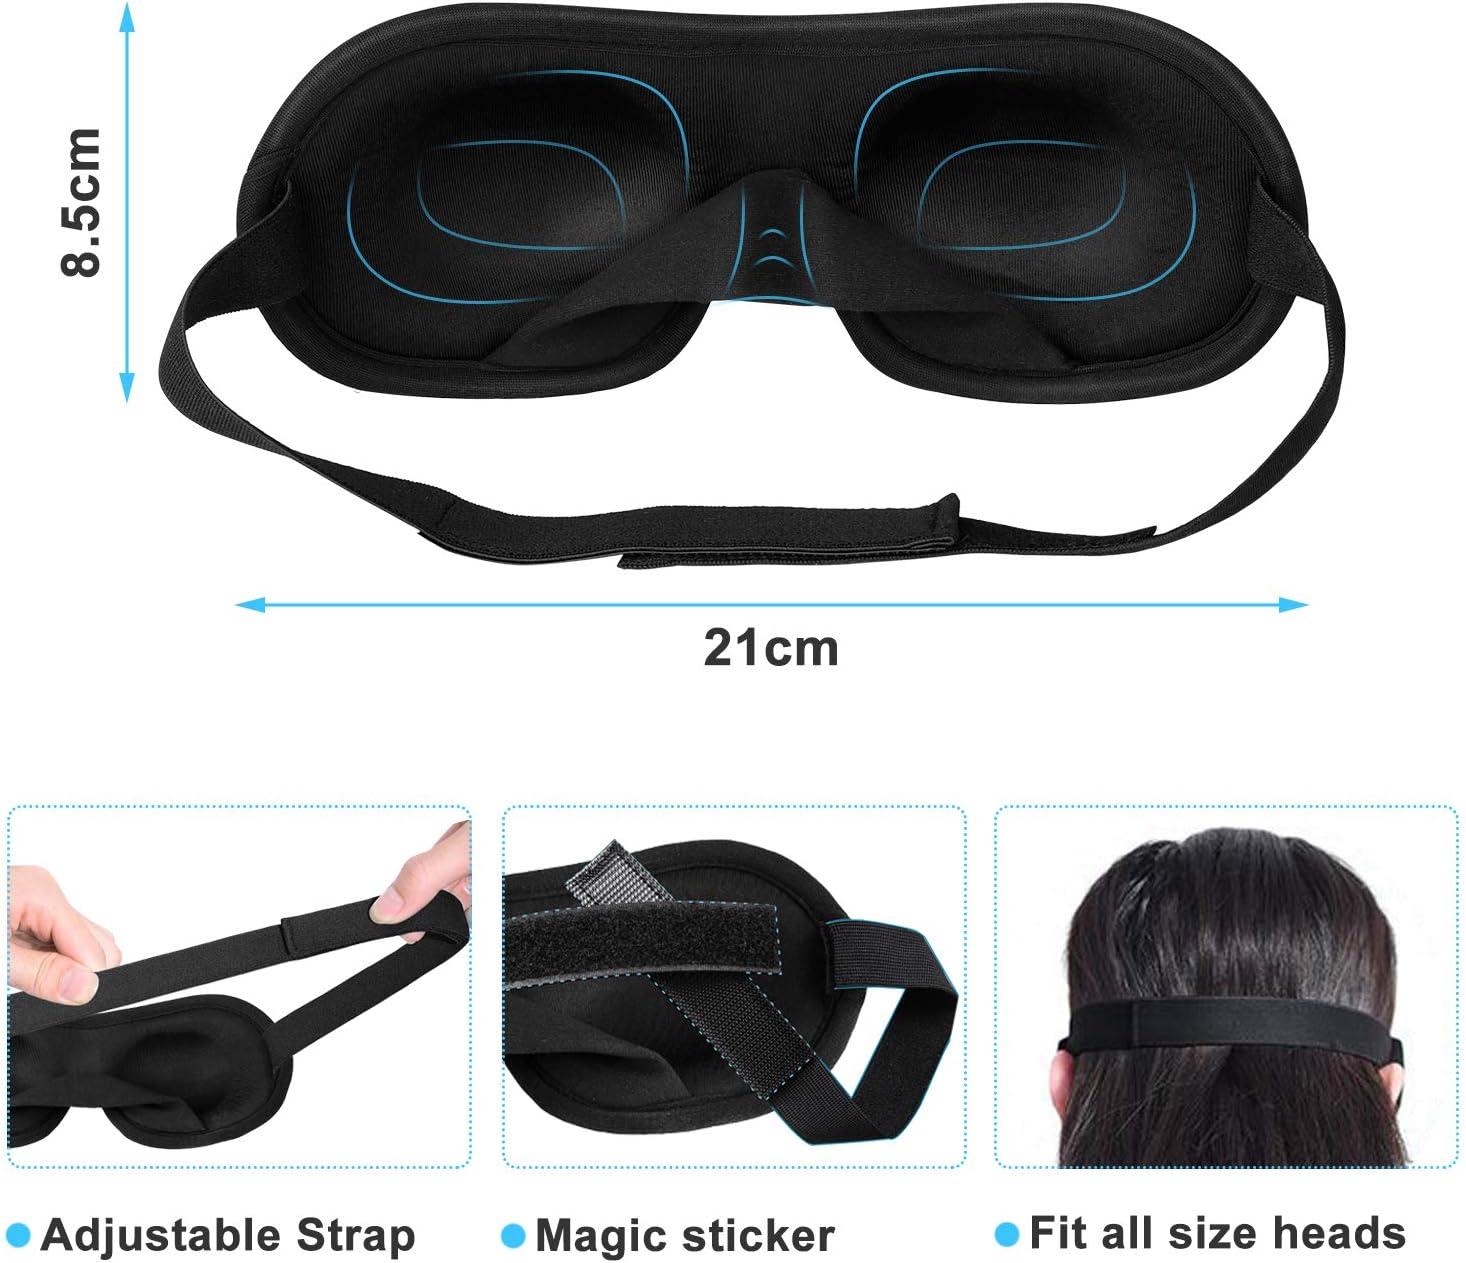 masque de sommeil 100/% occultant confortable pour nap//migraine//camping//voyage Seika Masque de sommeil 3D contour des yeux pour dormir Noir masque de sommeil de nuit en mousse /à m/émoire de forme